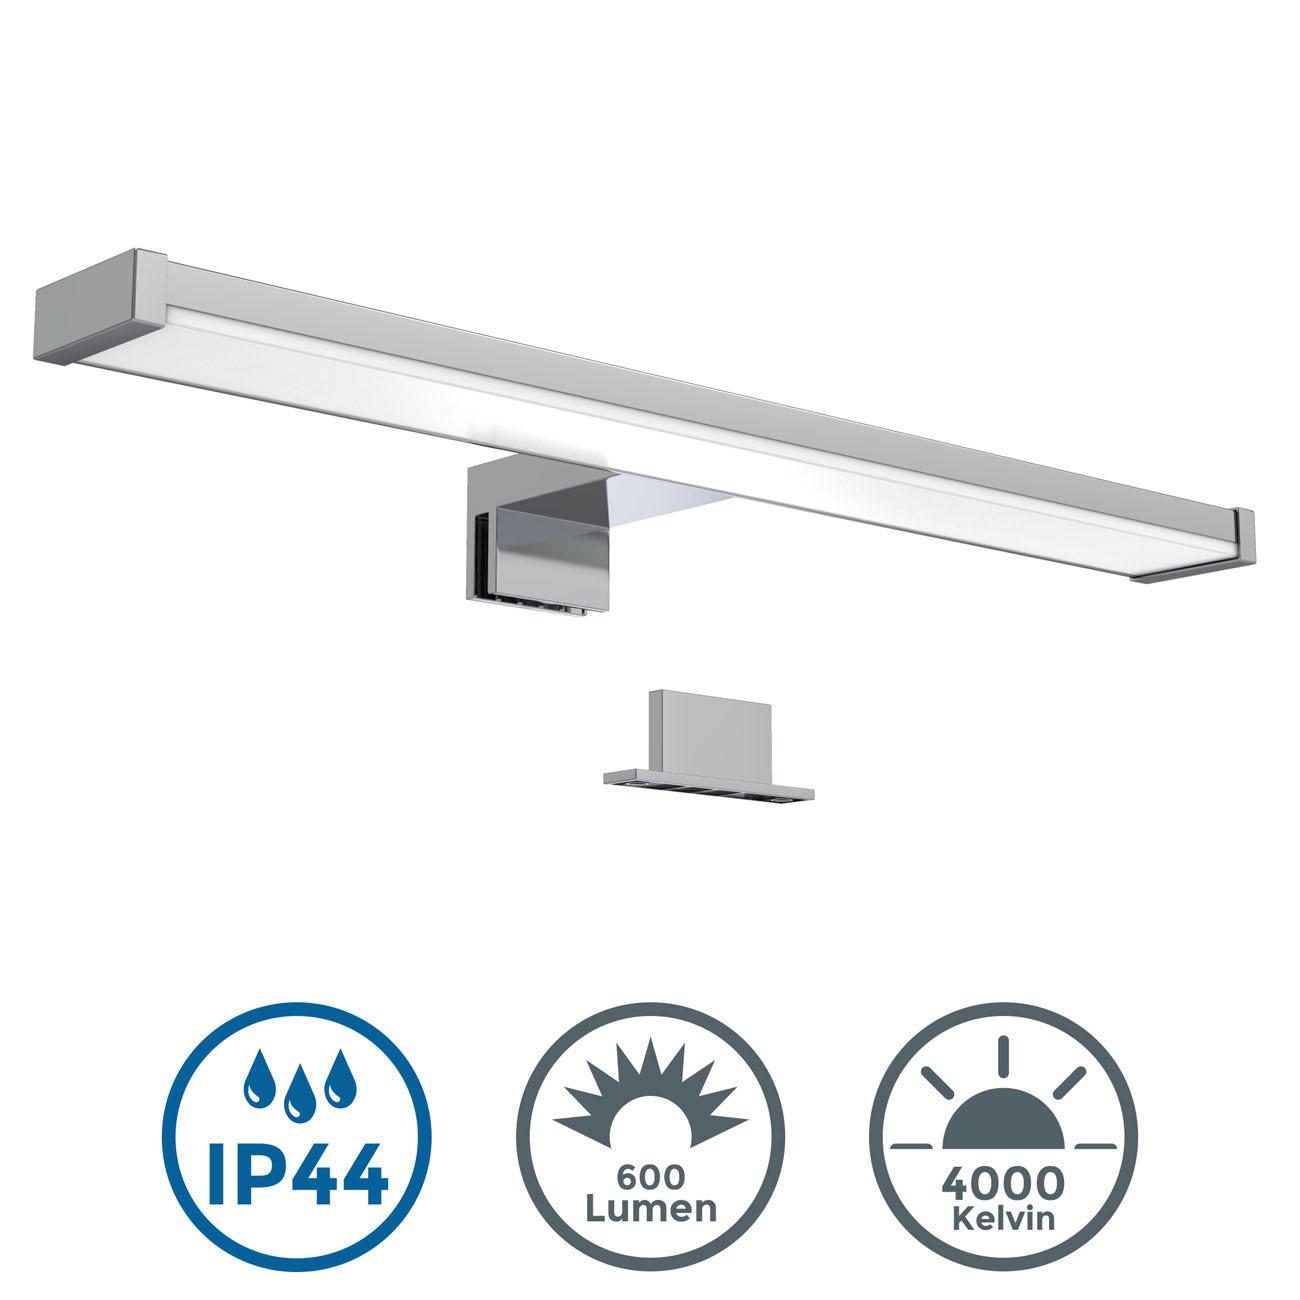 LED Spiegelleuchte Badlampe IP44 chrom - 3